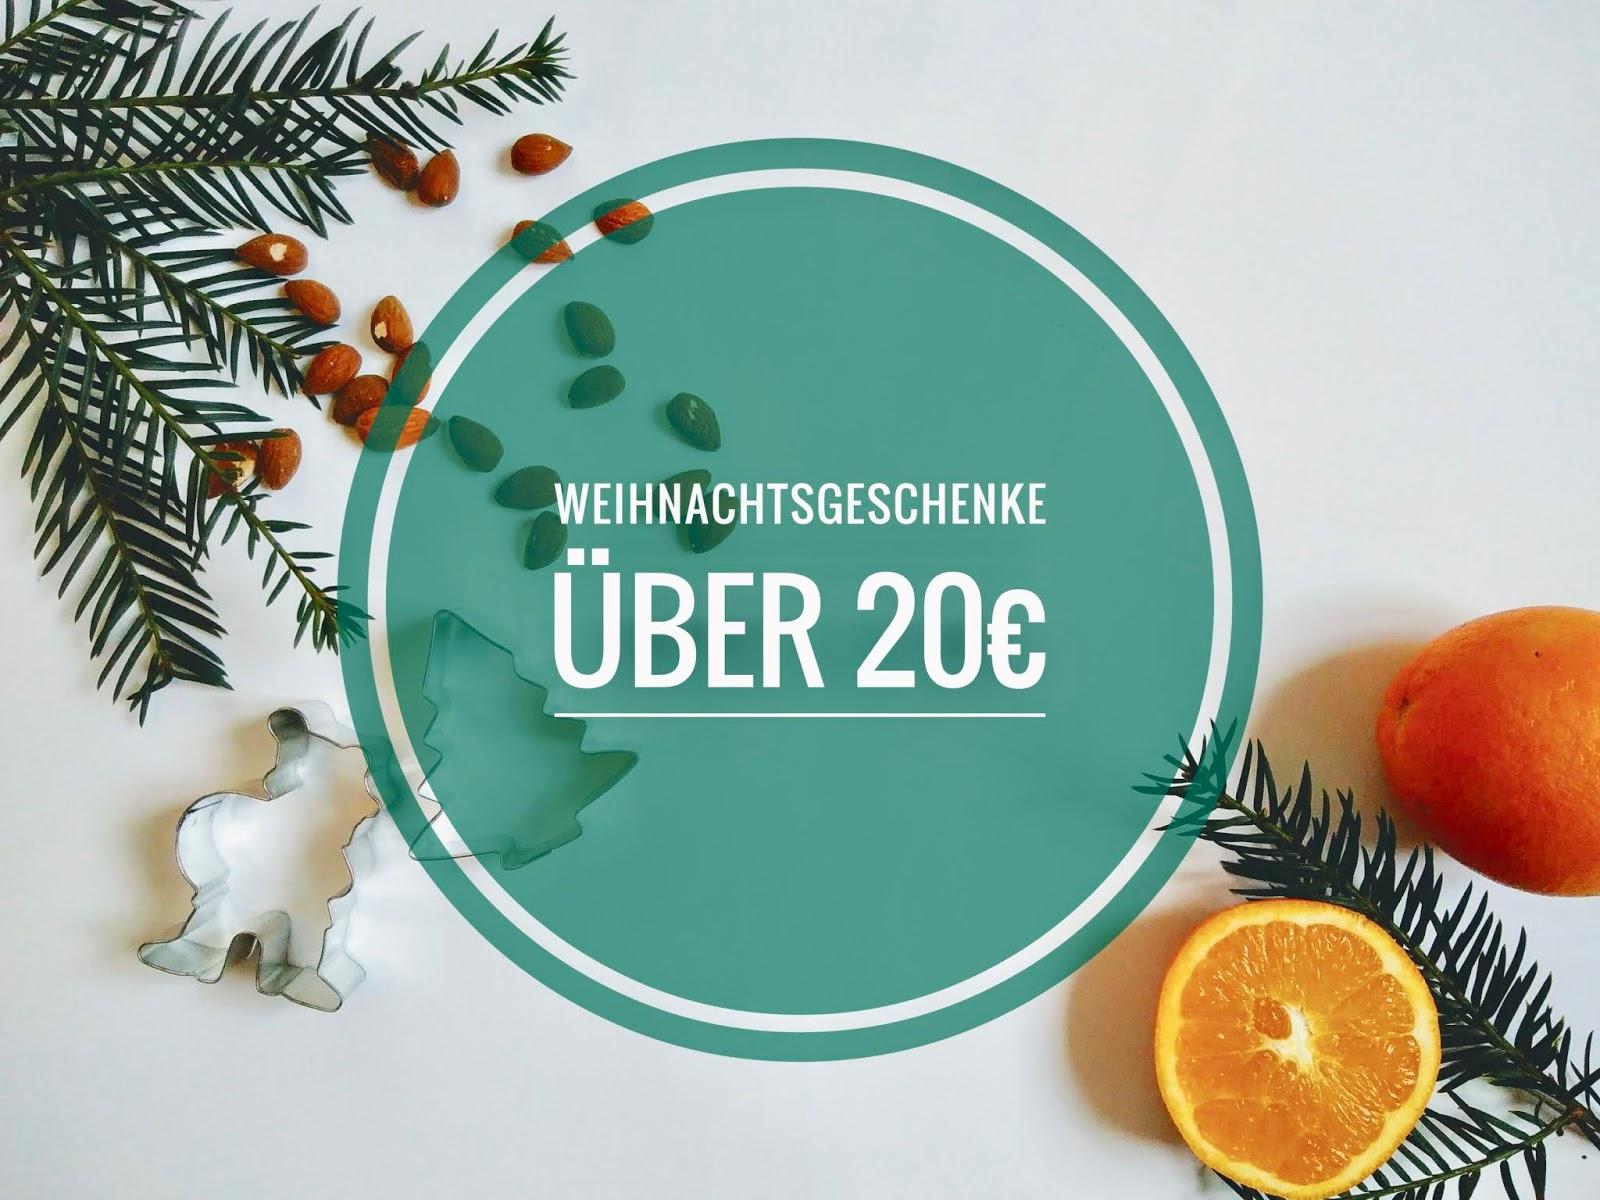 Weihnachtsgeschenke Unter 20.Nachhaltige Weihnachten Geschenke über 20